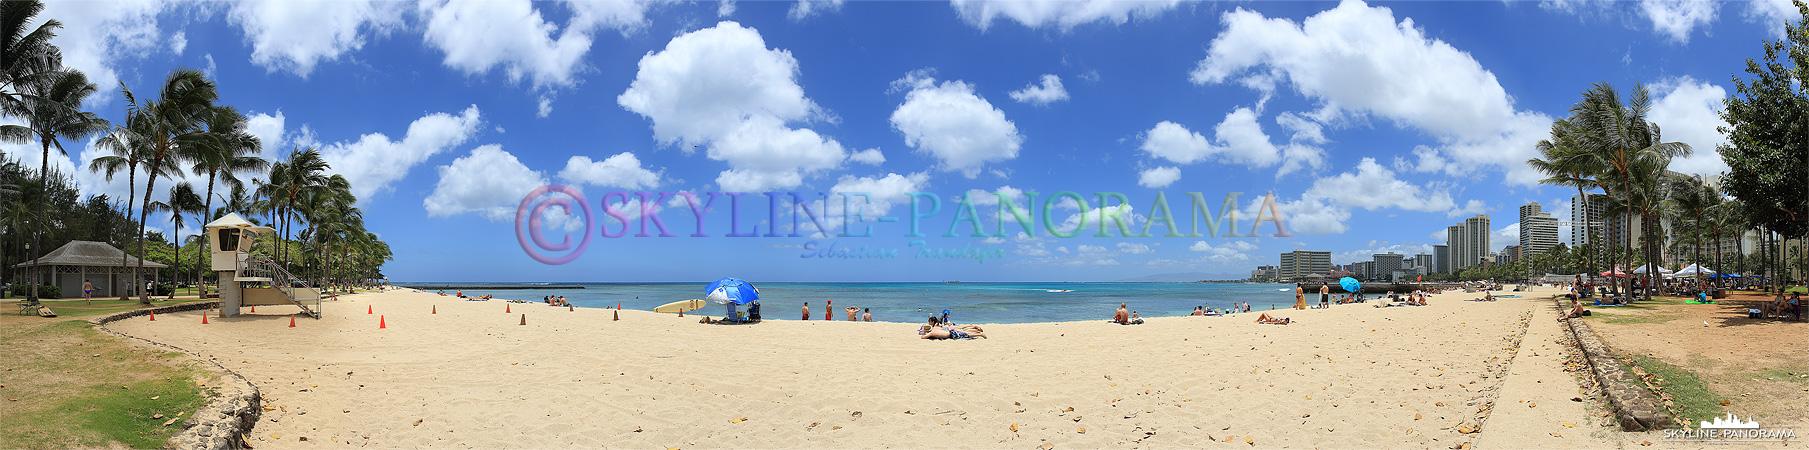 Der Waikiki Beach im gleichnamigen Stadtteil von Honolulu - der feine Sand, die Palmen und der fantastische Himmel haben diesen Strand zu weltweiter Bekanntheit verholfen.